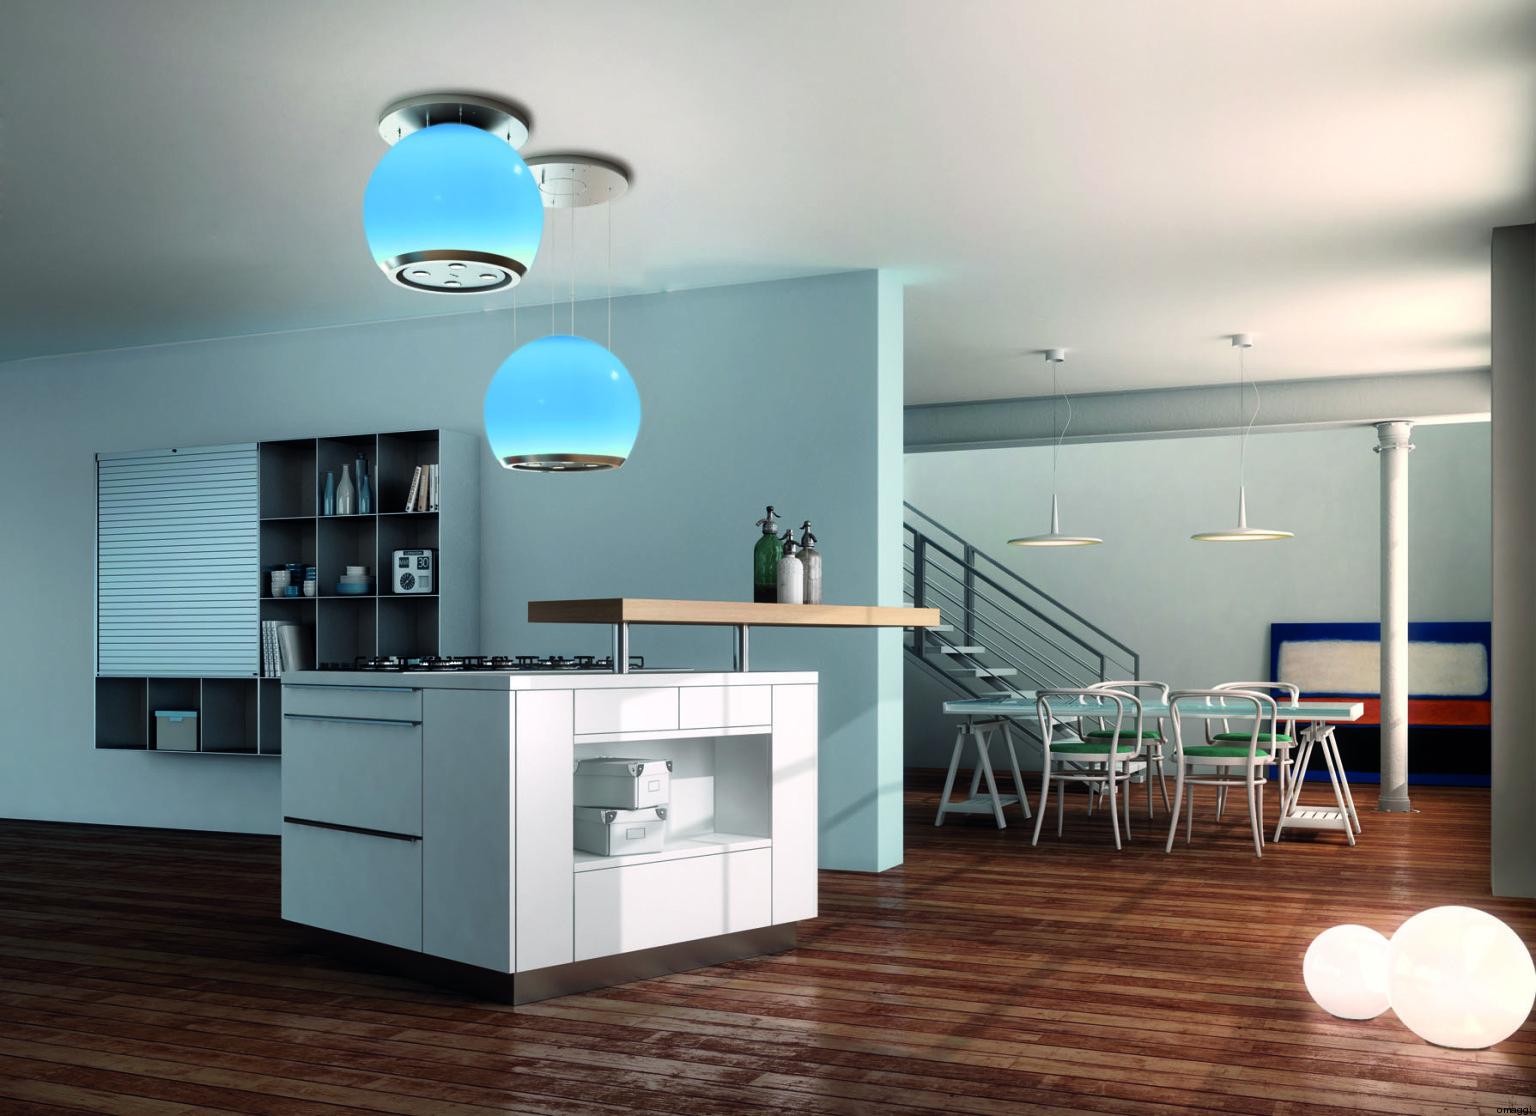 Salone del mobile le cappe da cucina faber silenziose colorate funzionali eleganti foto - Cappe per cucina aspiranti ...